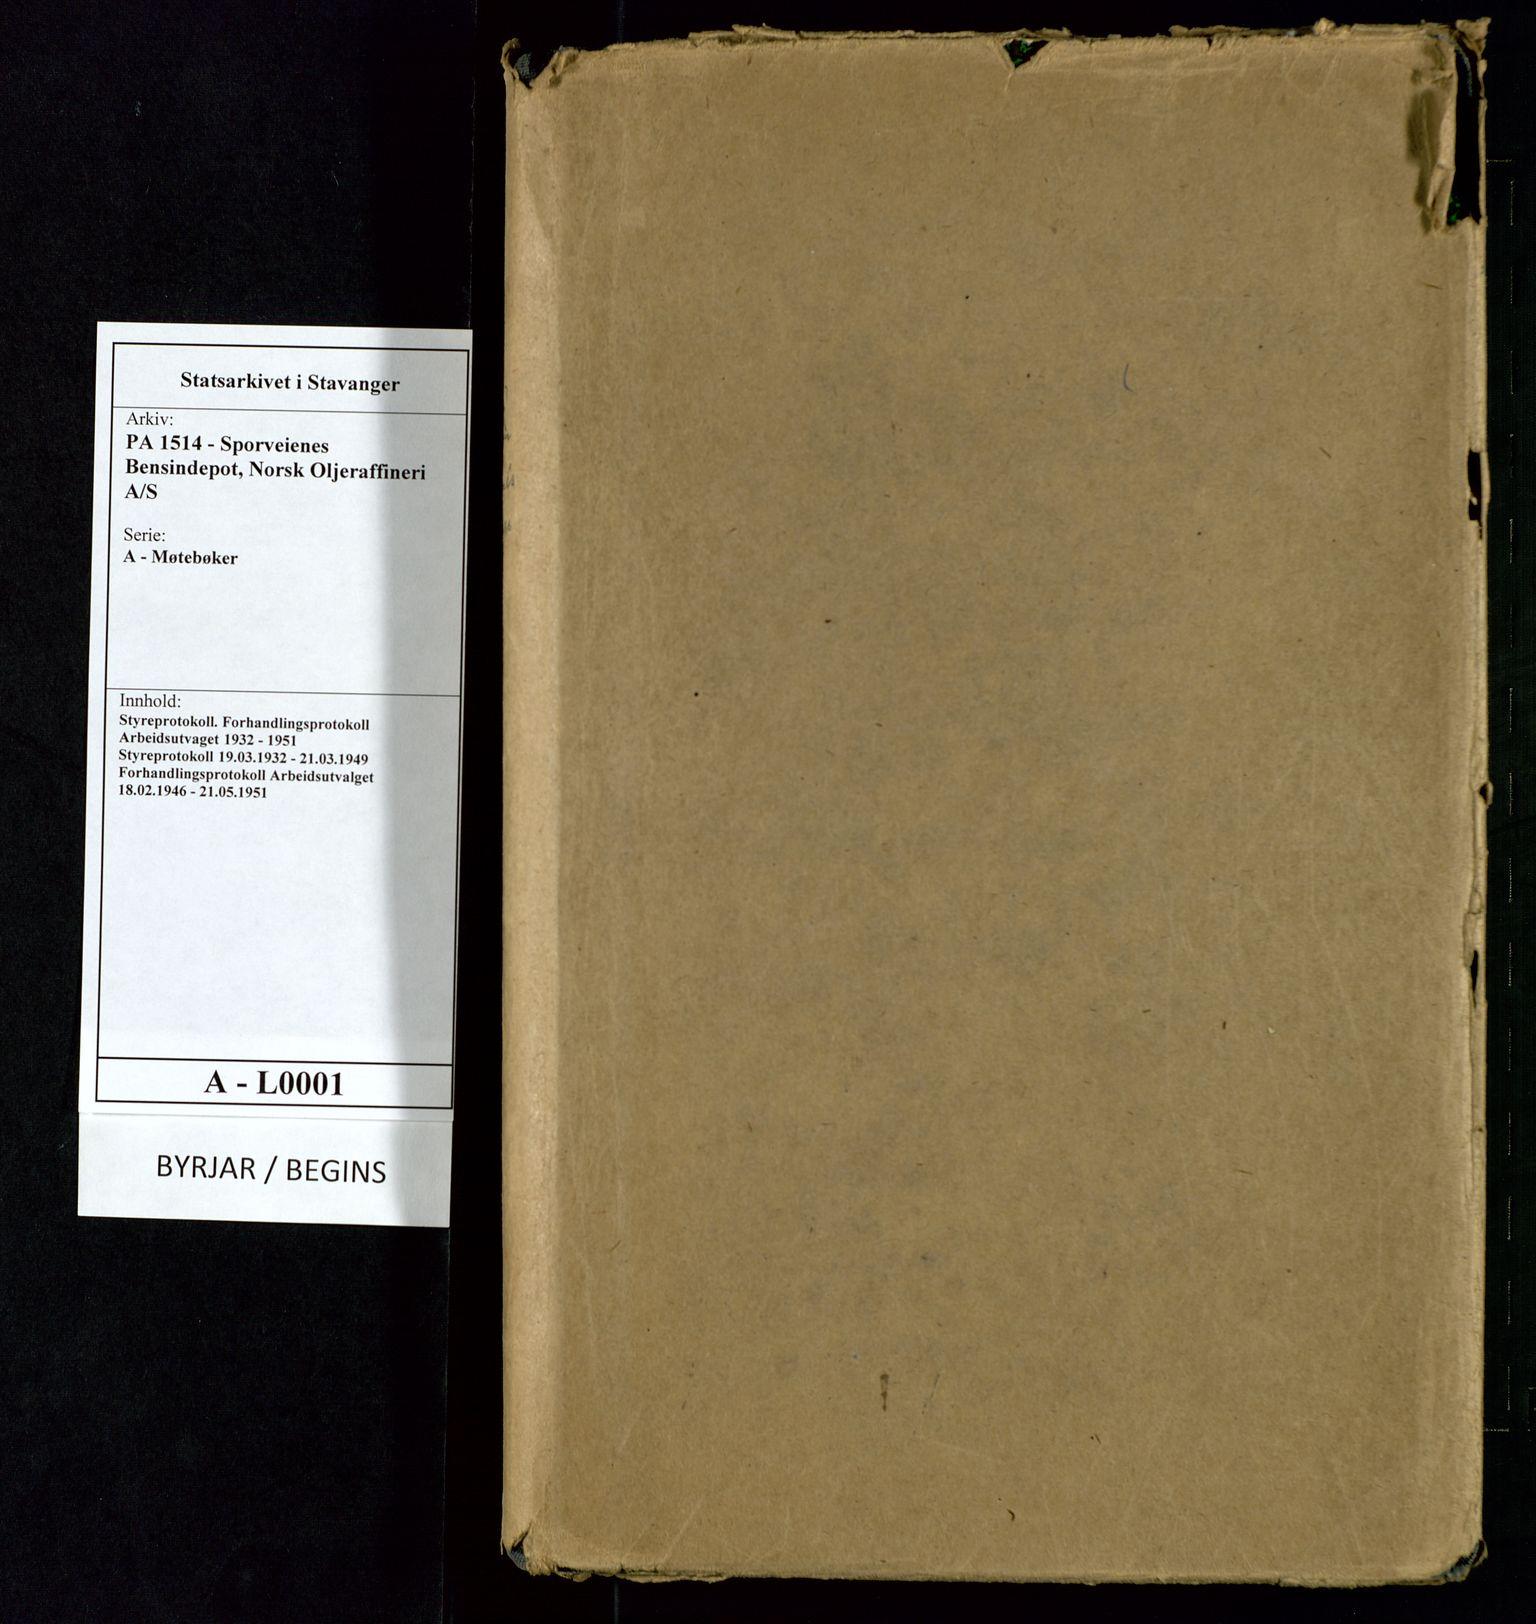 SAST, PA 1514 - Sporveienes Bensindepot, Norsk Oljeraffineri A/S, A/L0001: Styreprotokoll. Forhandlingsprotokoll Arbeidsutvaget, 1946-1951, s. 1